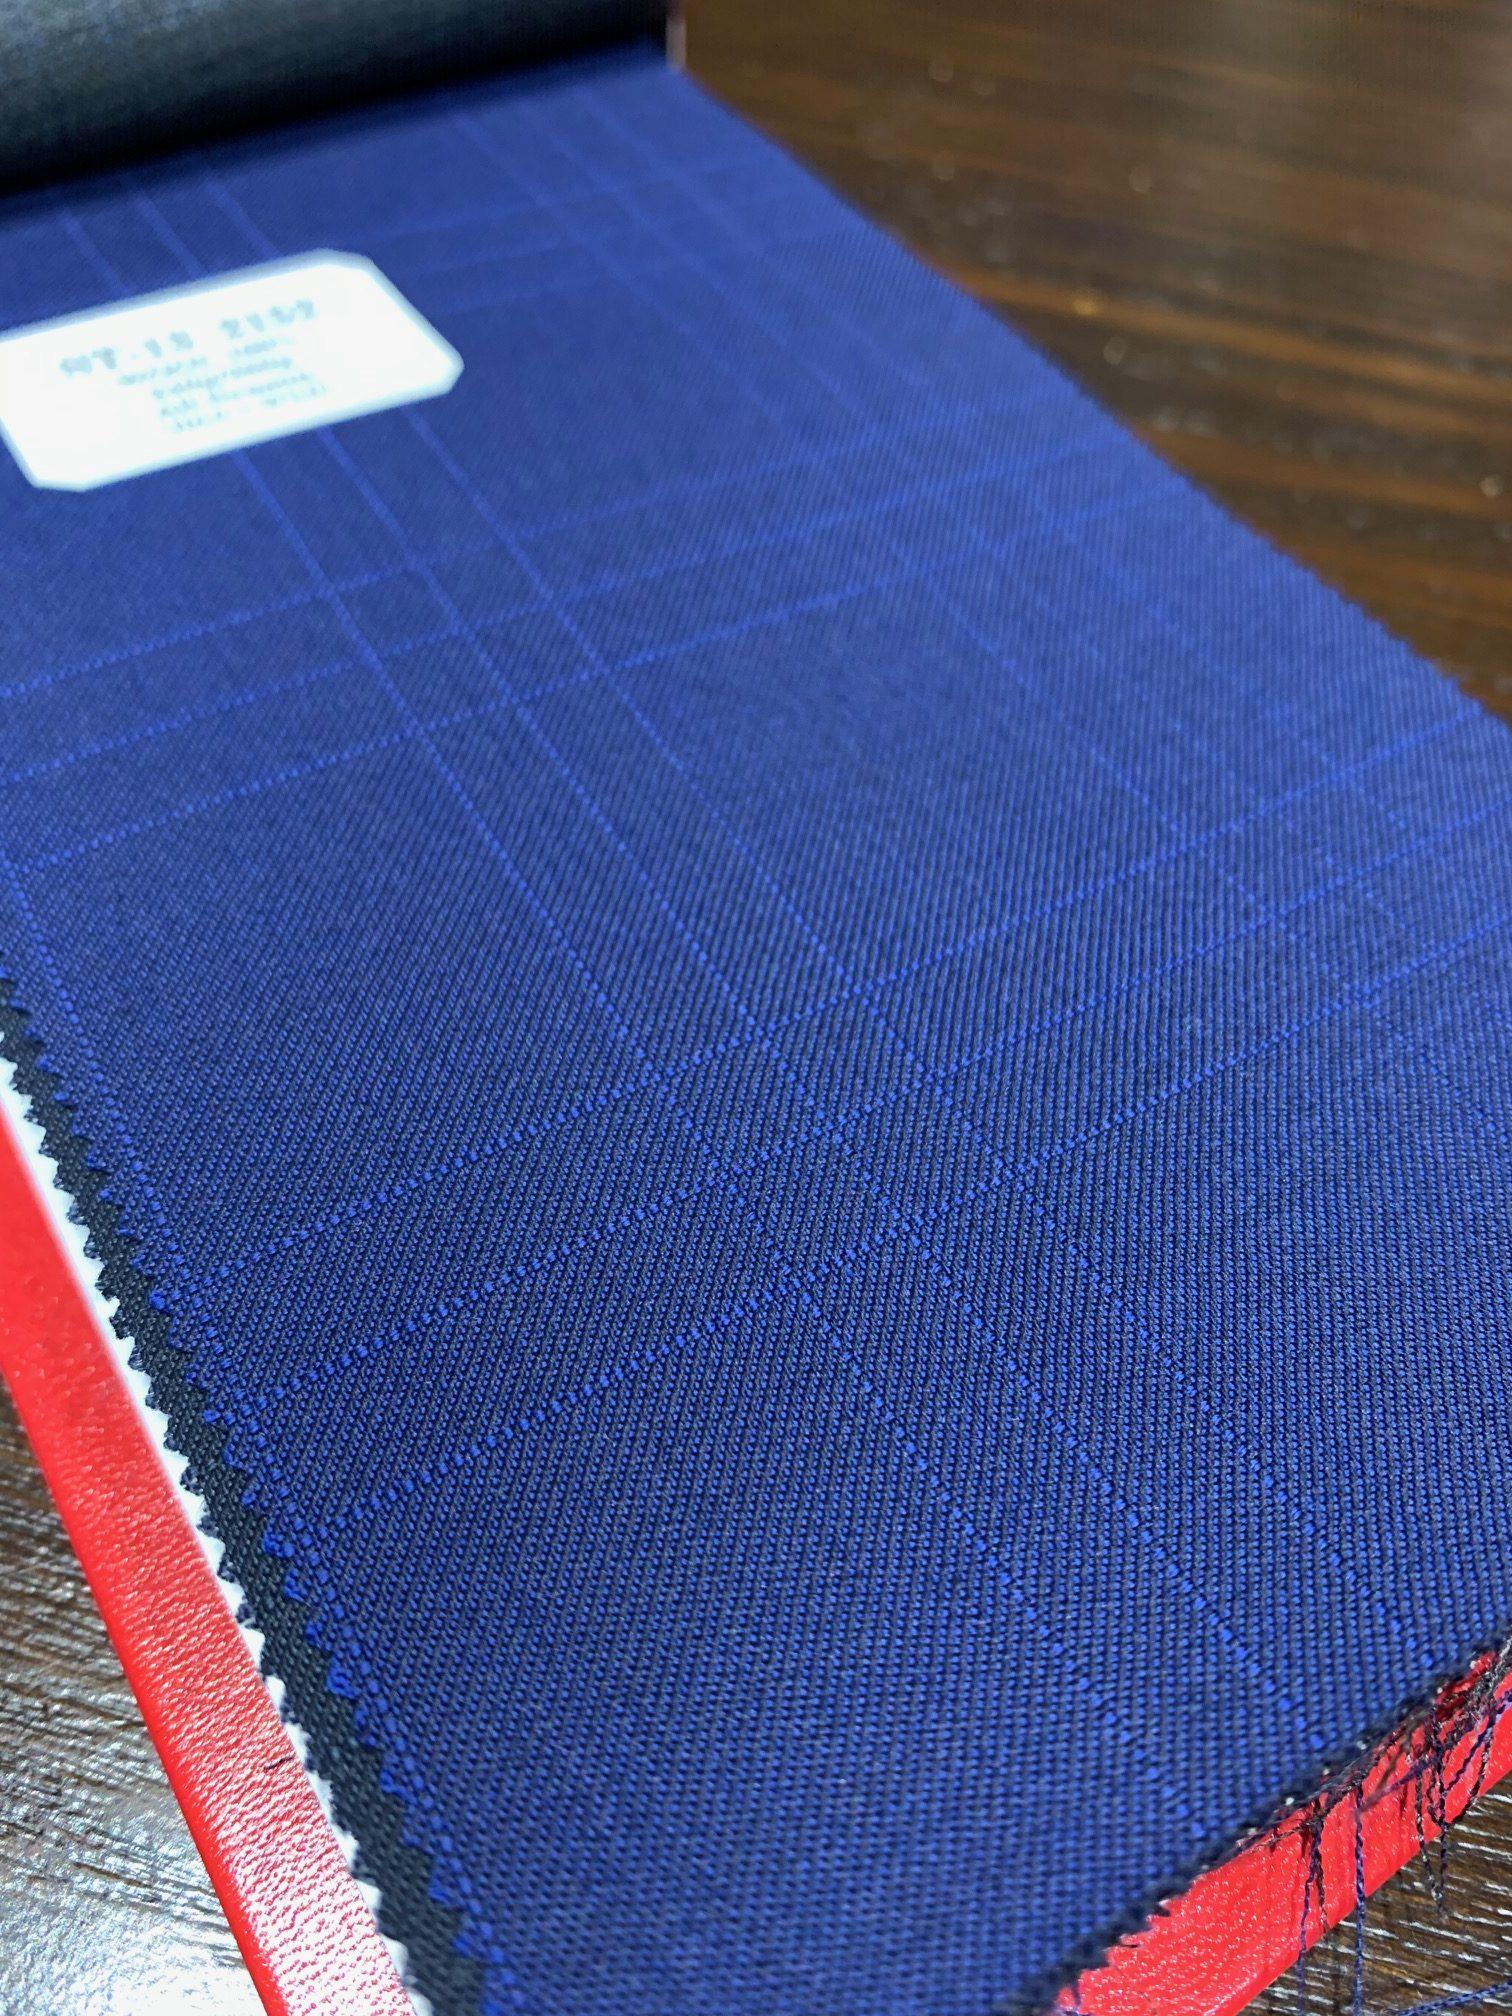 image0 1 2 e1572159968766 - オーダースーツのおススメブランド(サルトクレイスで一番売れているのは?)